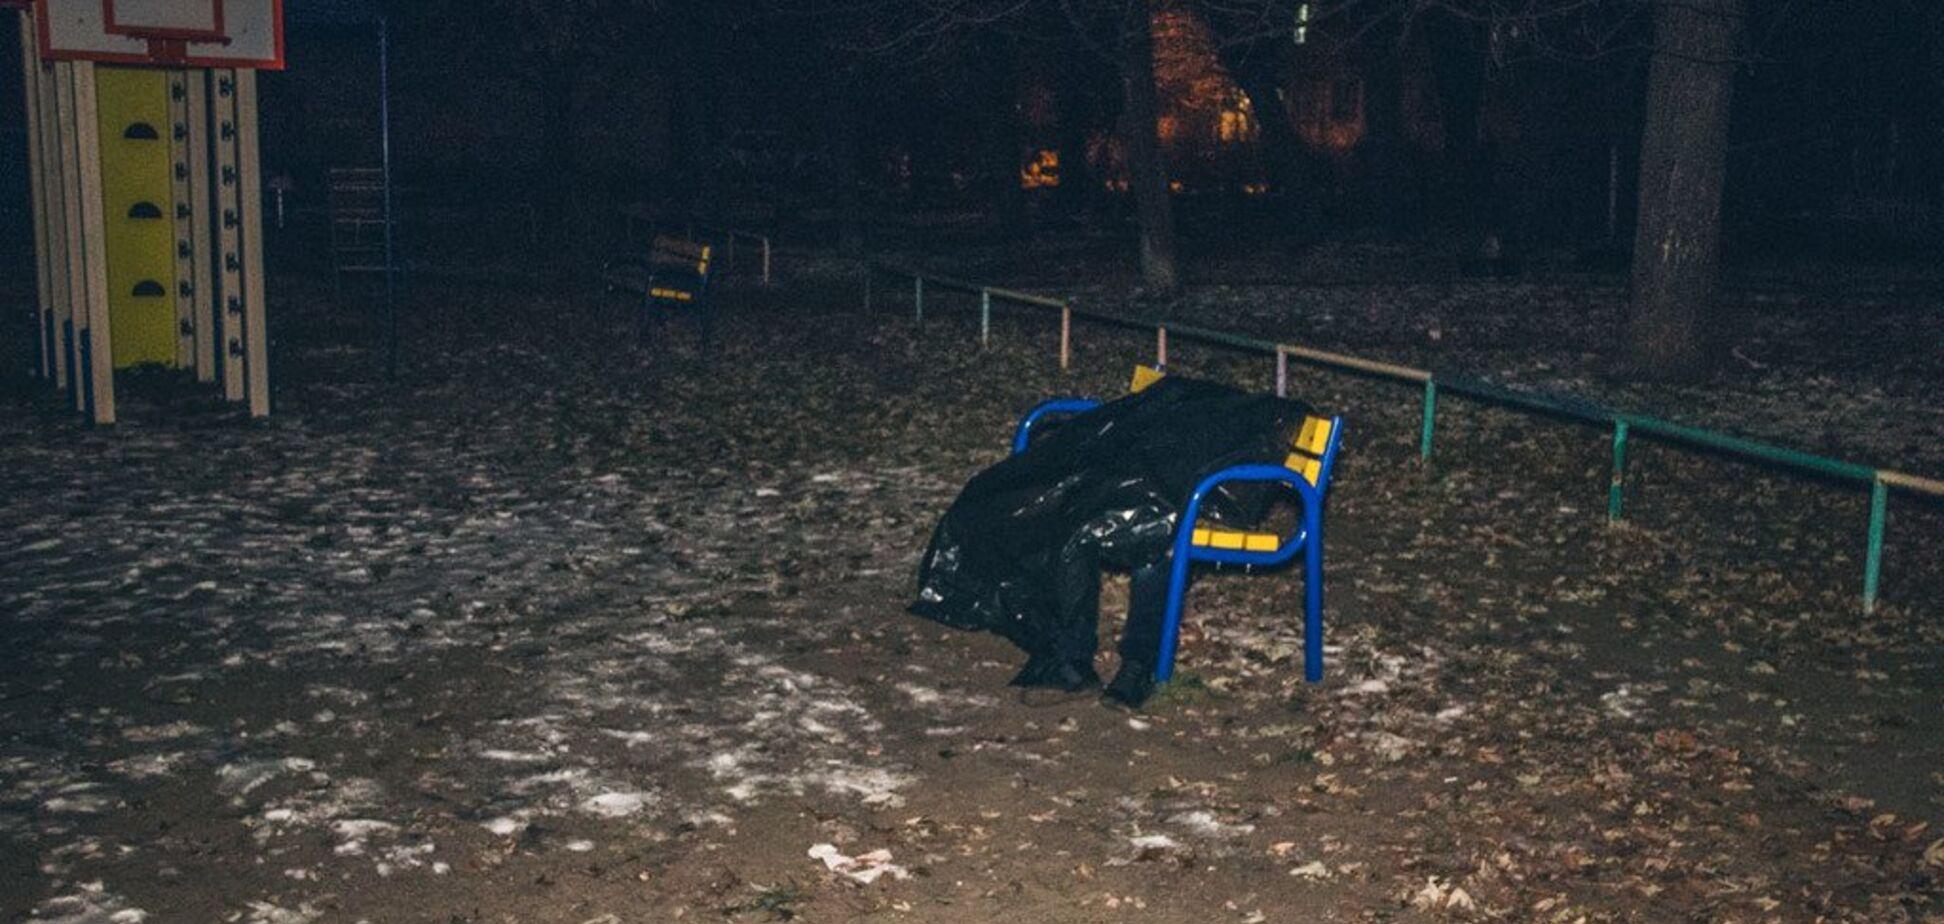 З рота йшла піна: у Києві на дитячому майданчику знайшли труп зі спущеними штанами